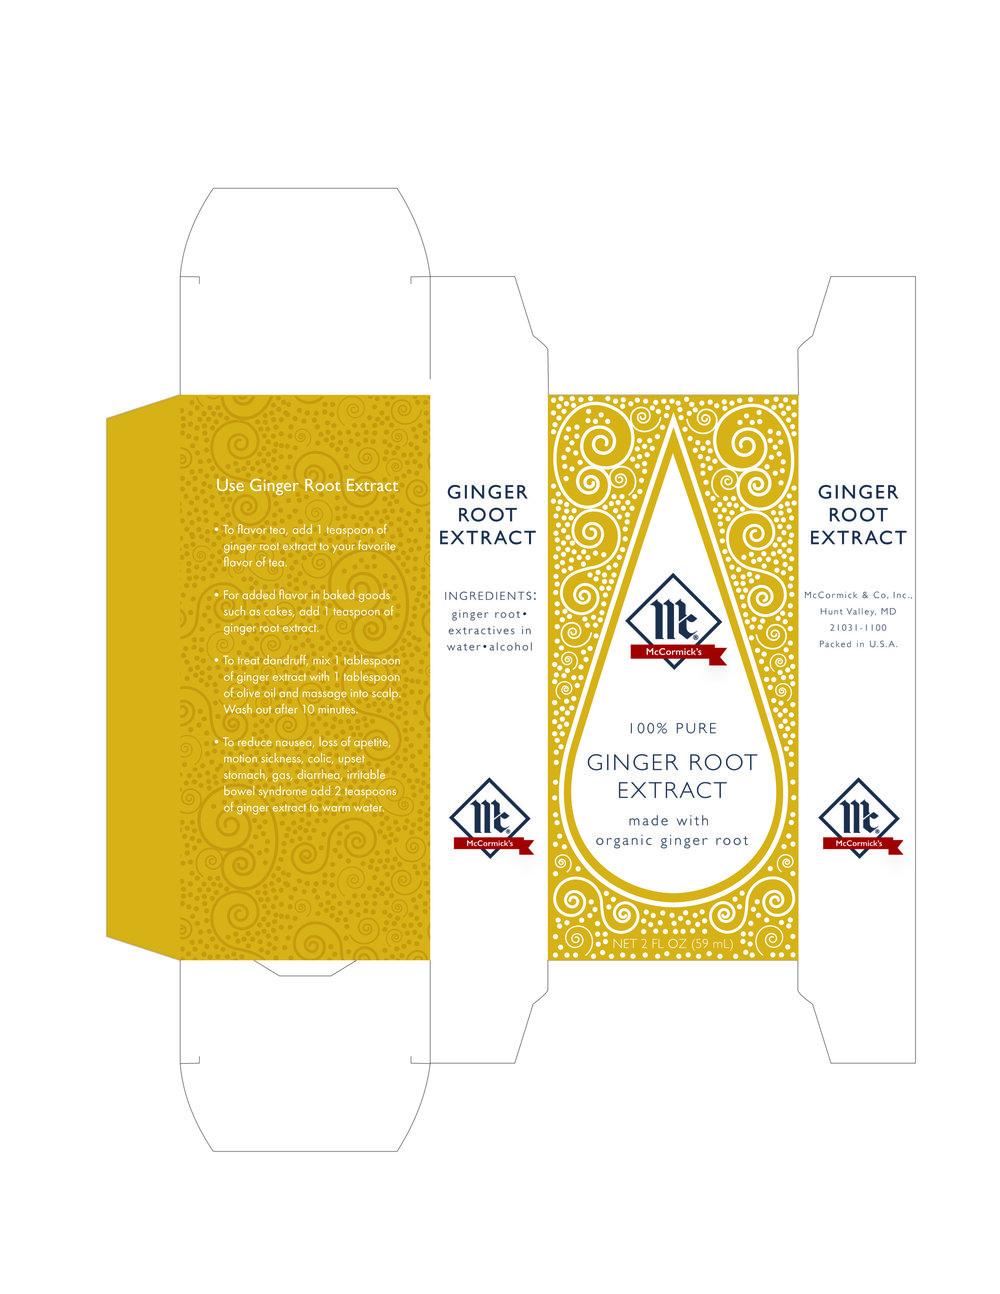 009_packaging-02.jpg